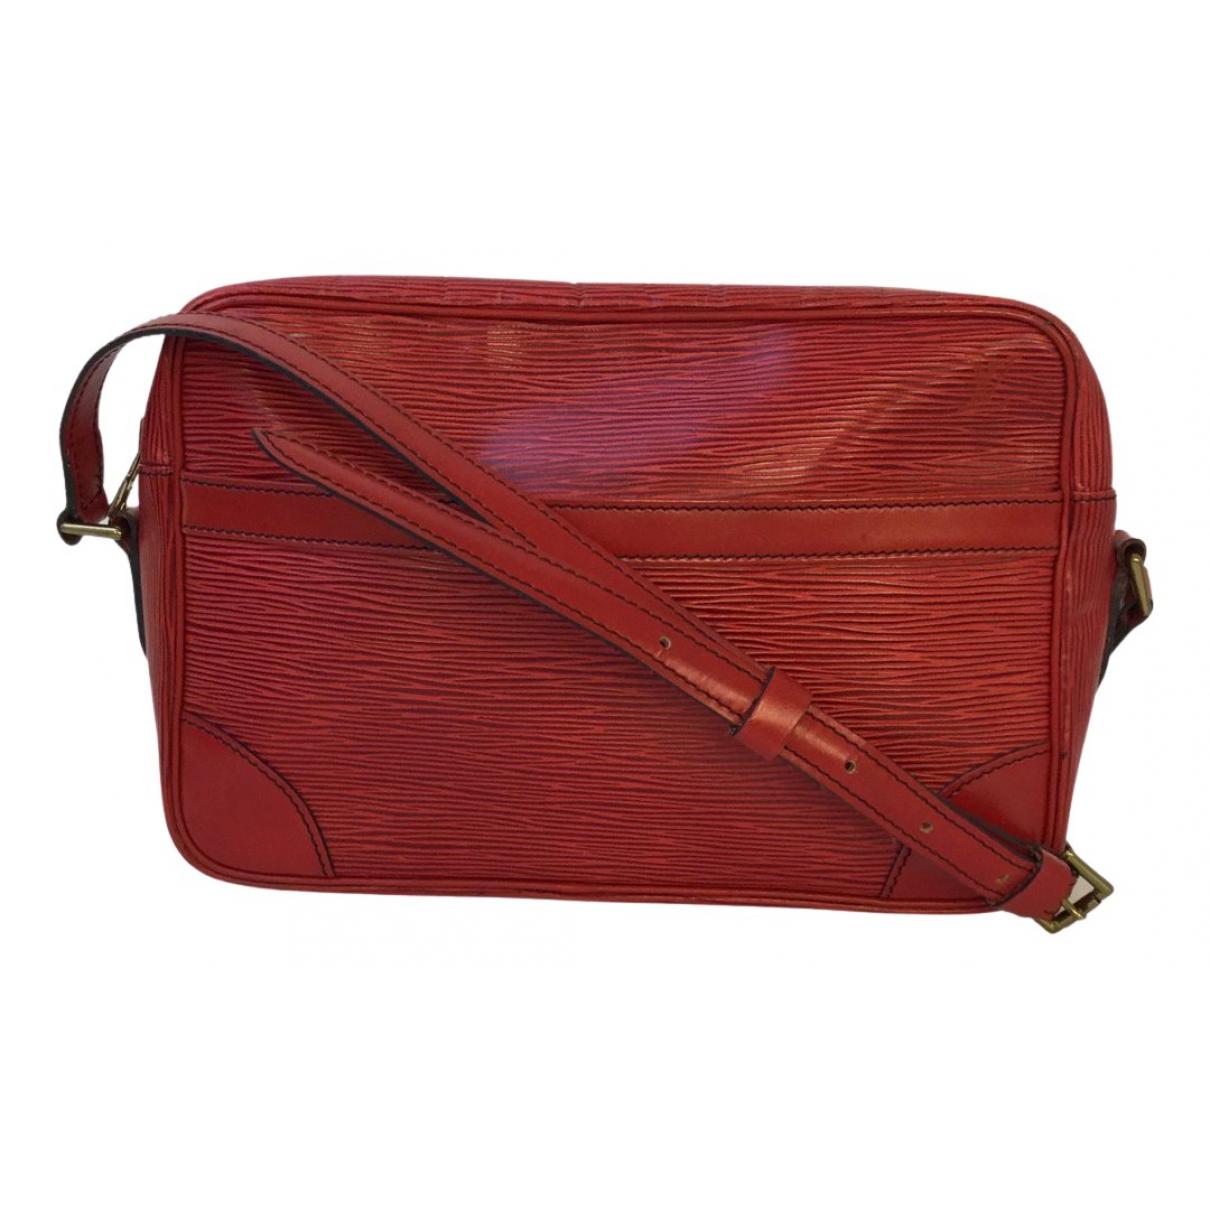 Louis Vuitton - Sac a main Trocadero pour femme en toile - rouge